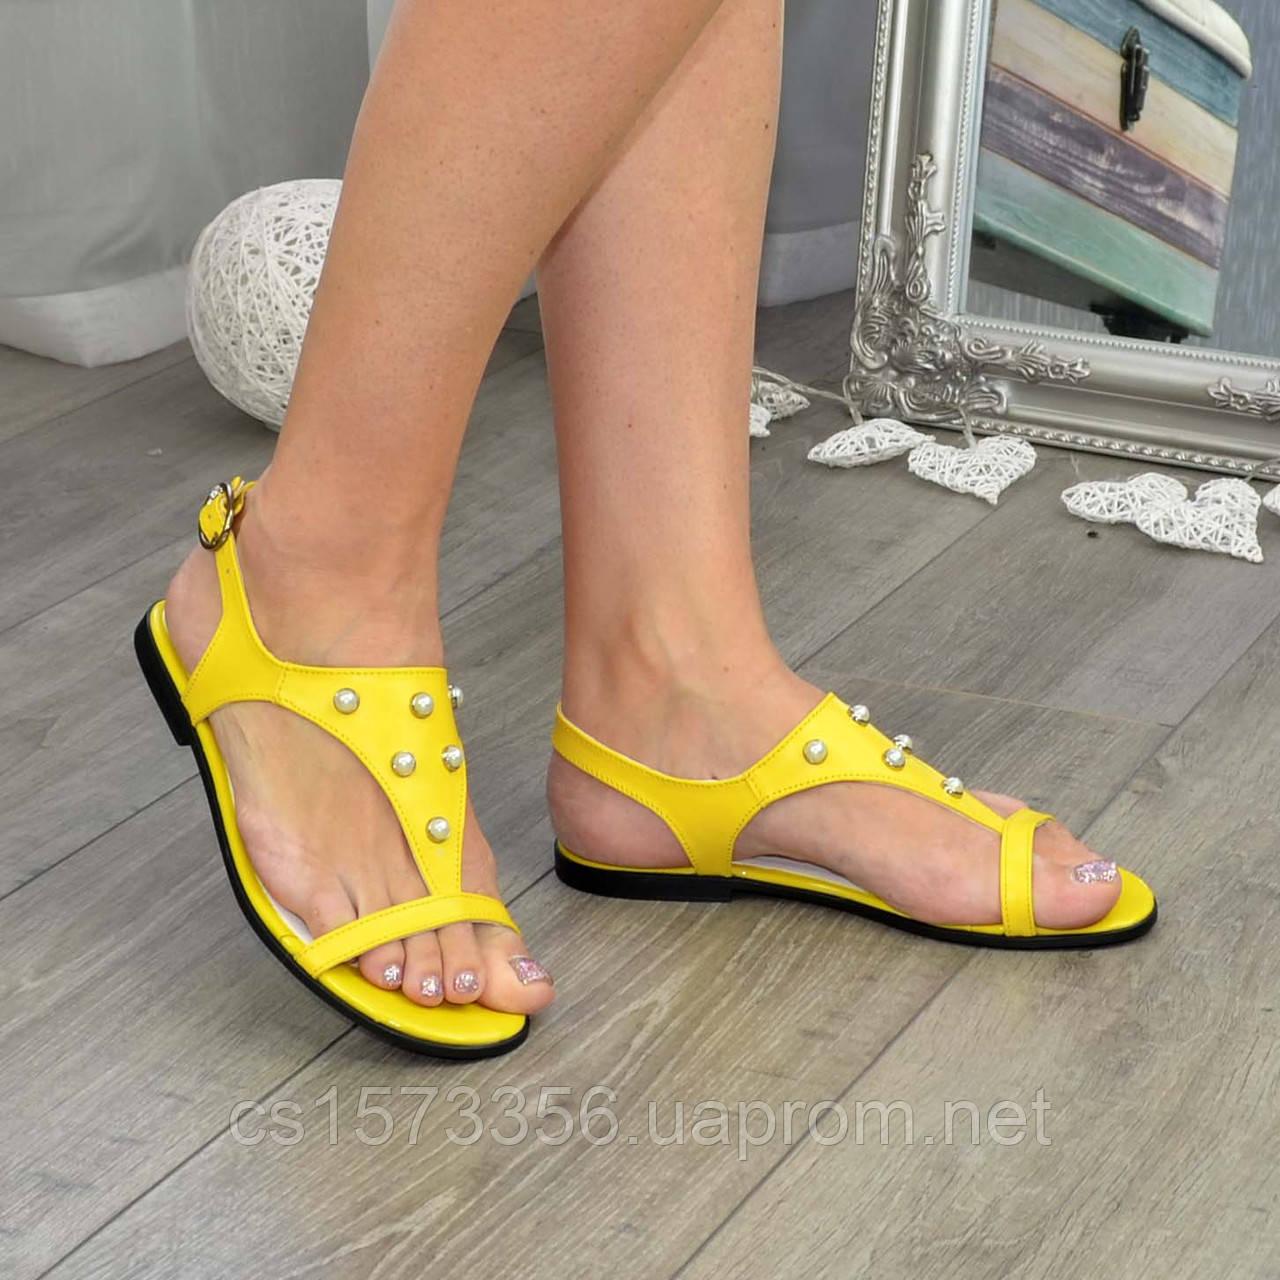 Стильные женские босоножки из натуральной желтой кожи декорированы бусинами.